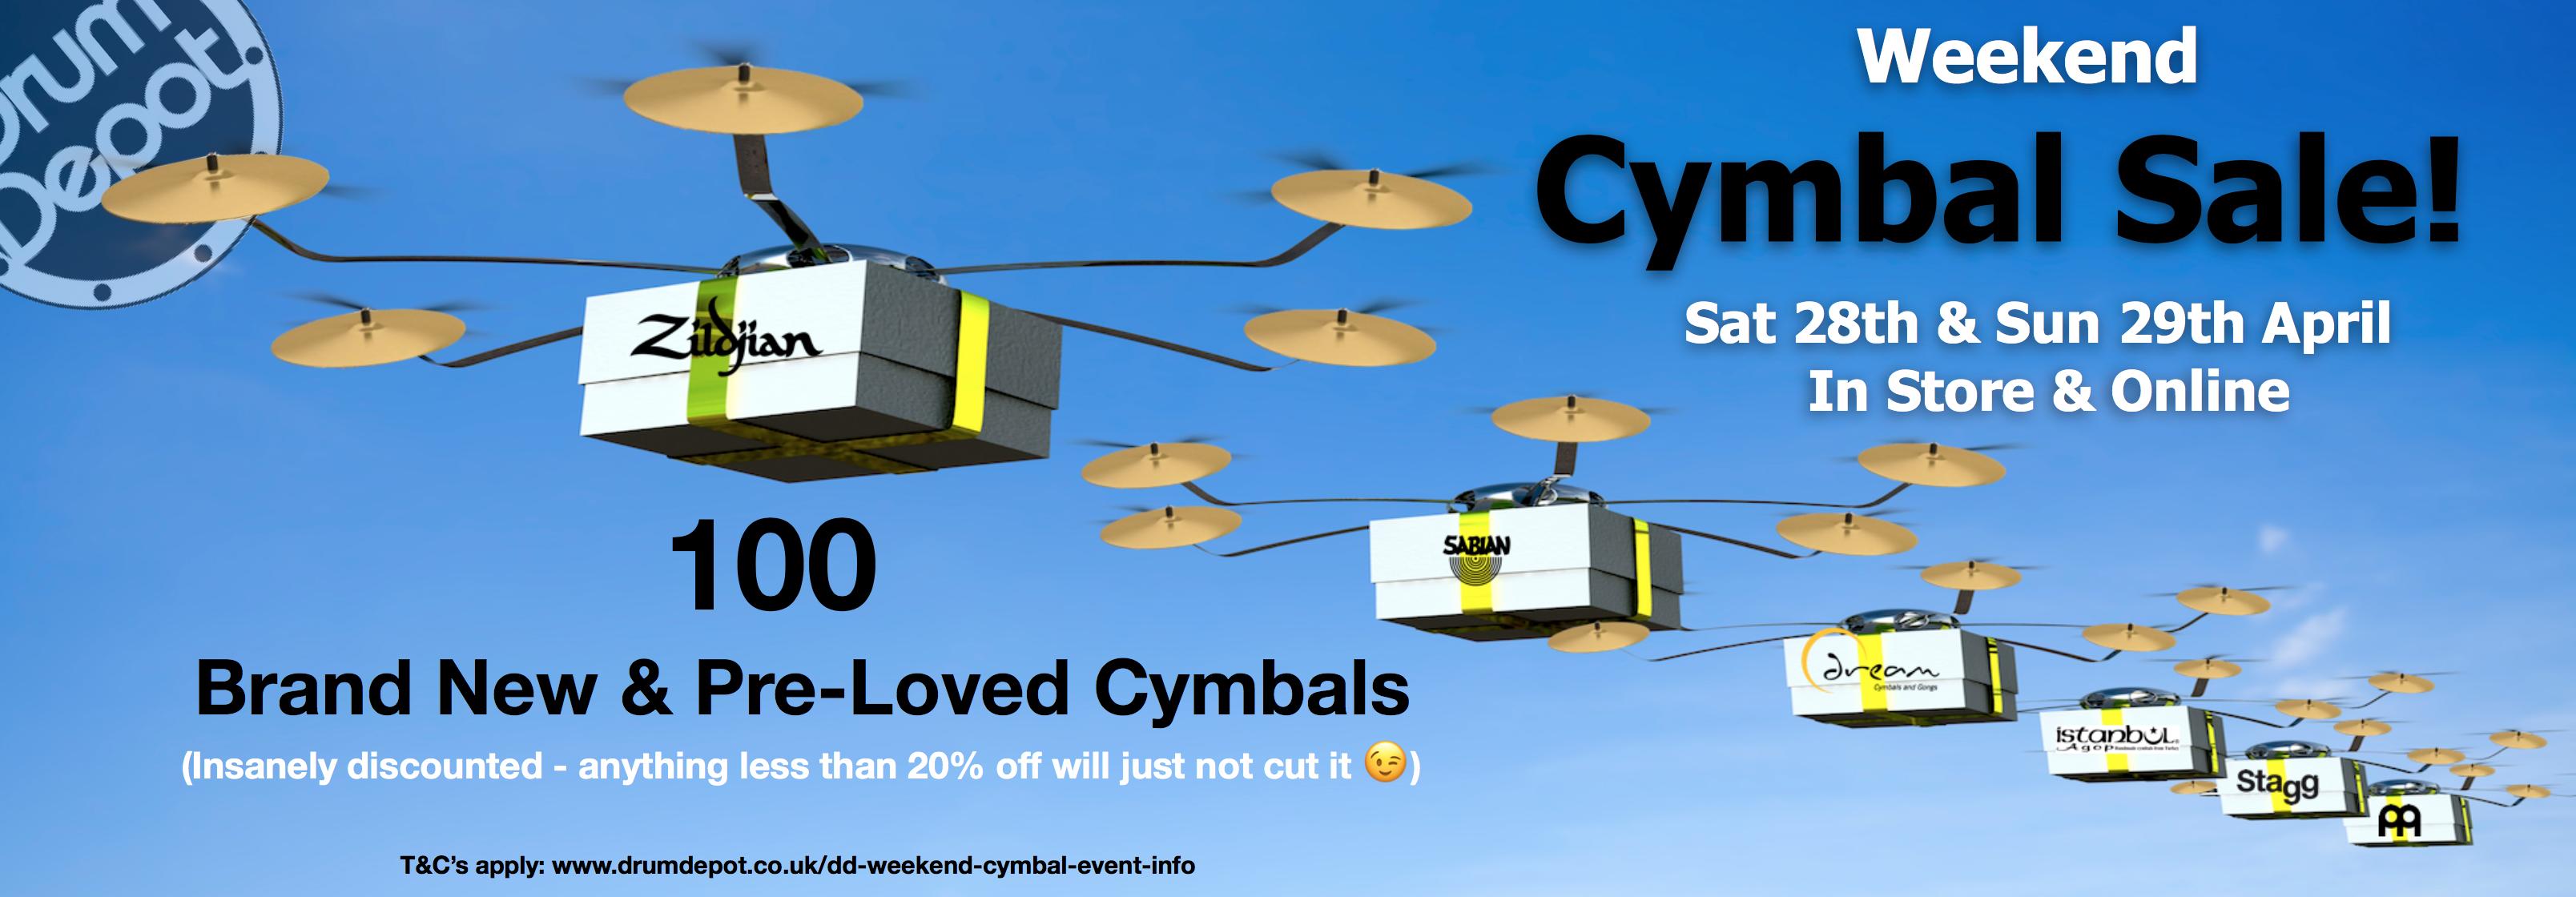 DD Weekend Cymbal Sale!